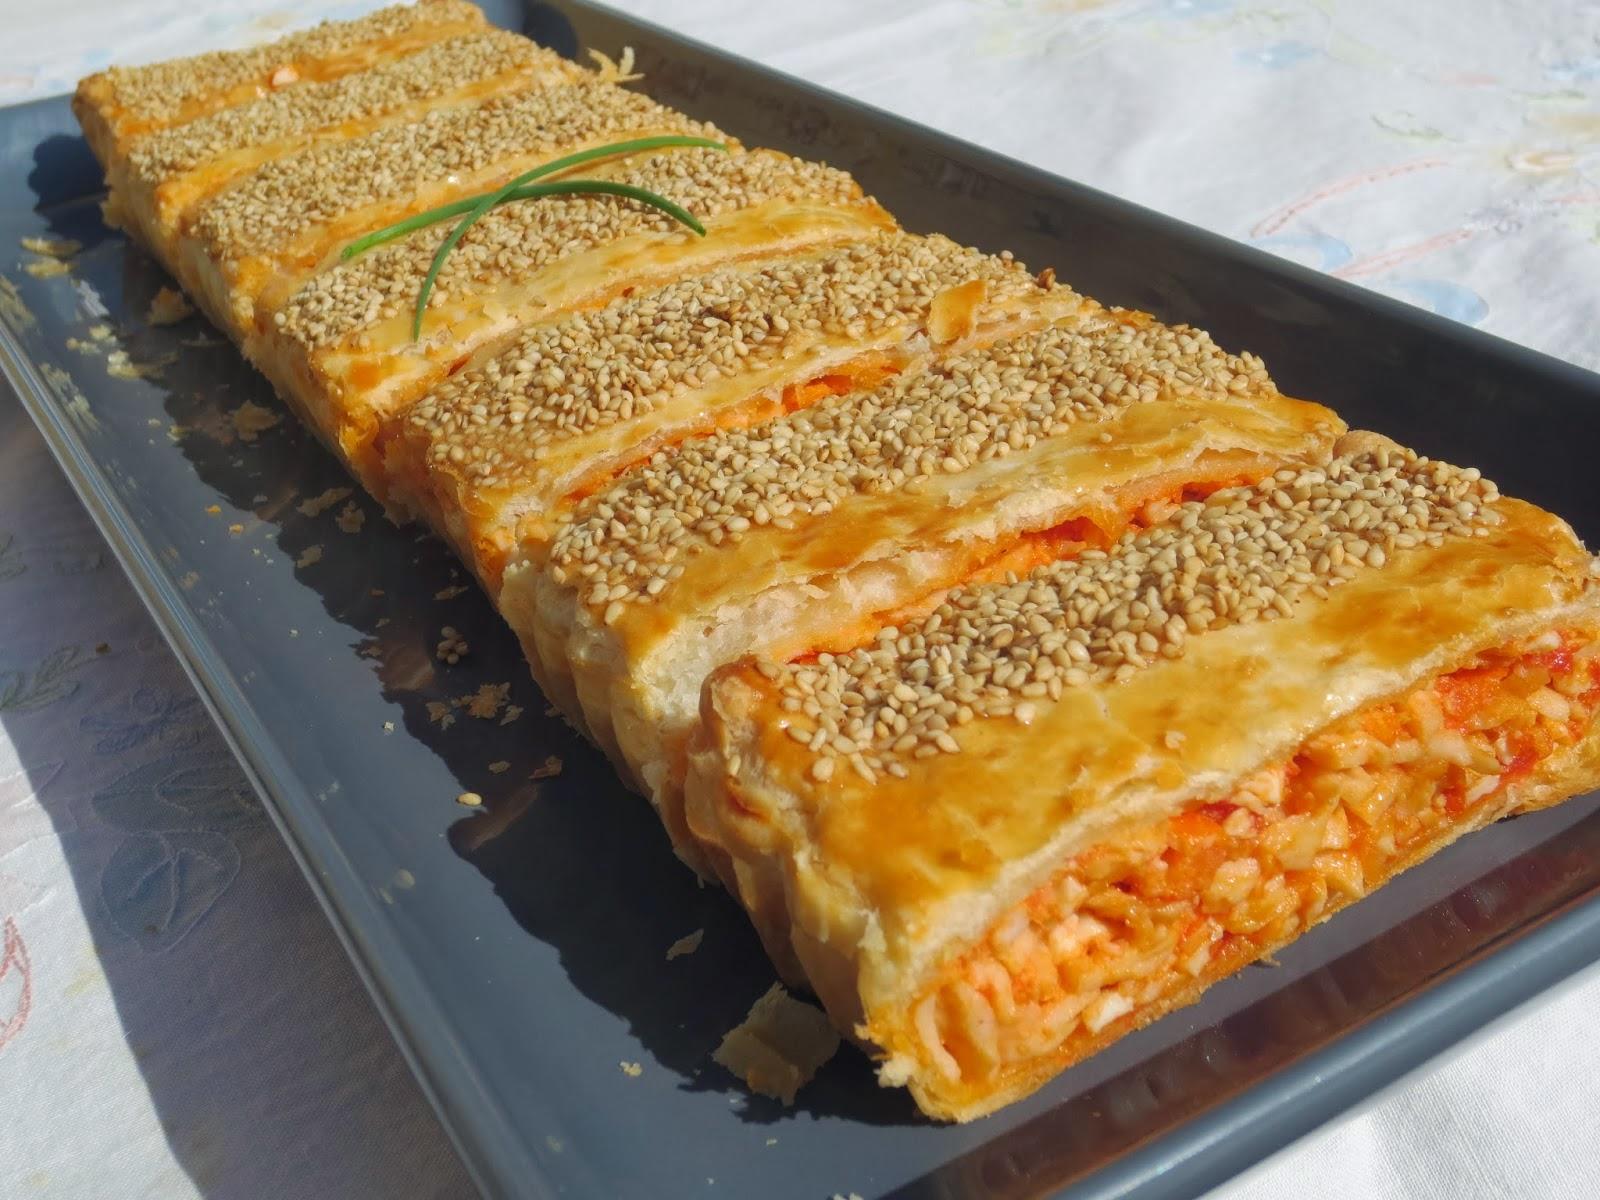 Empanada de cangrejo Ana Sevilla cocina tradicional